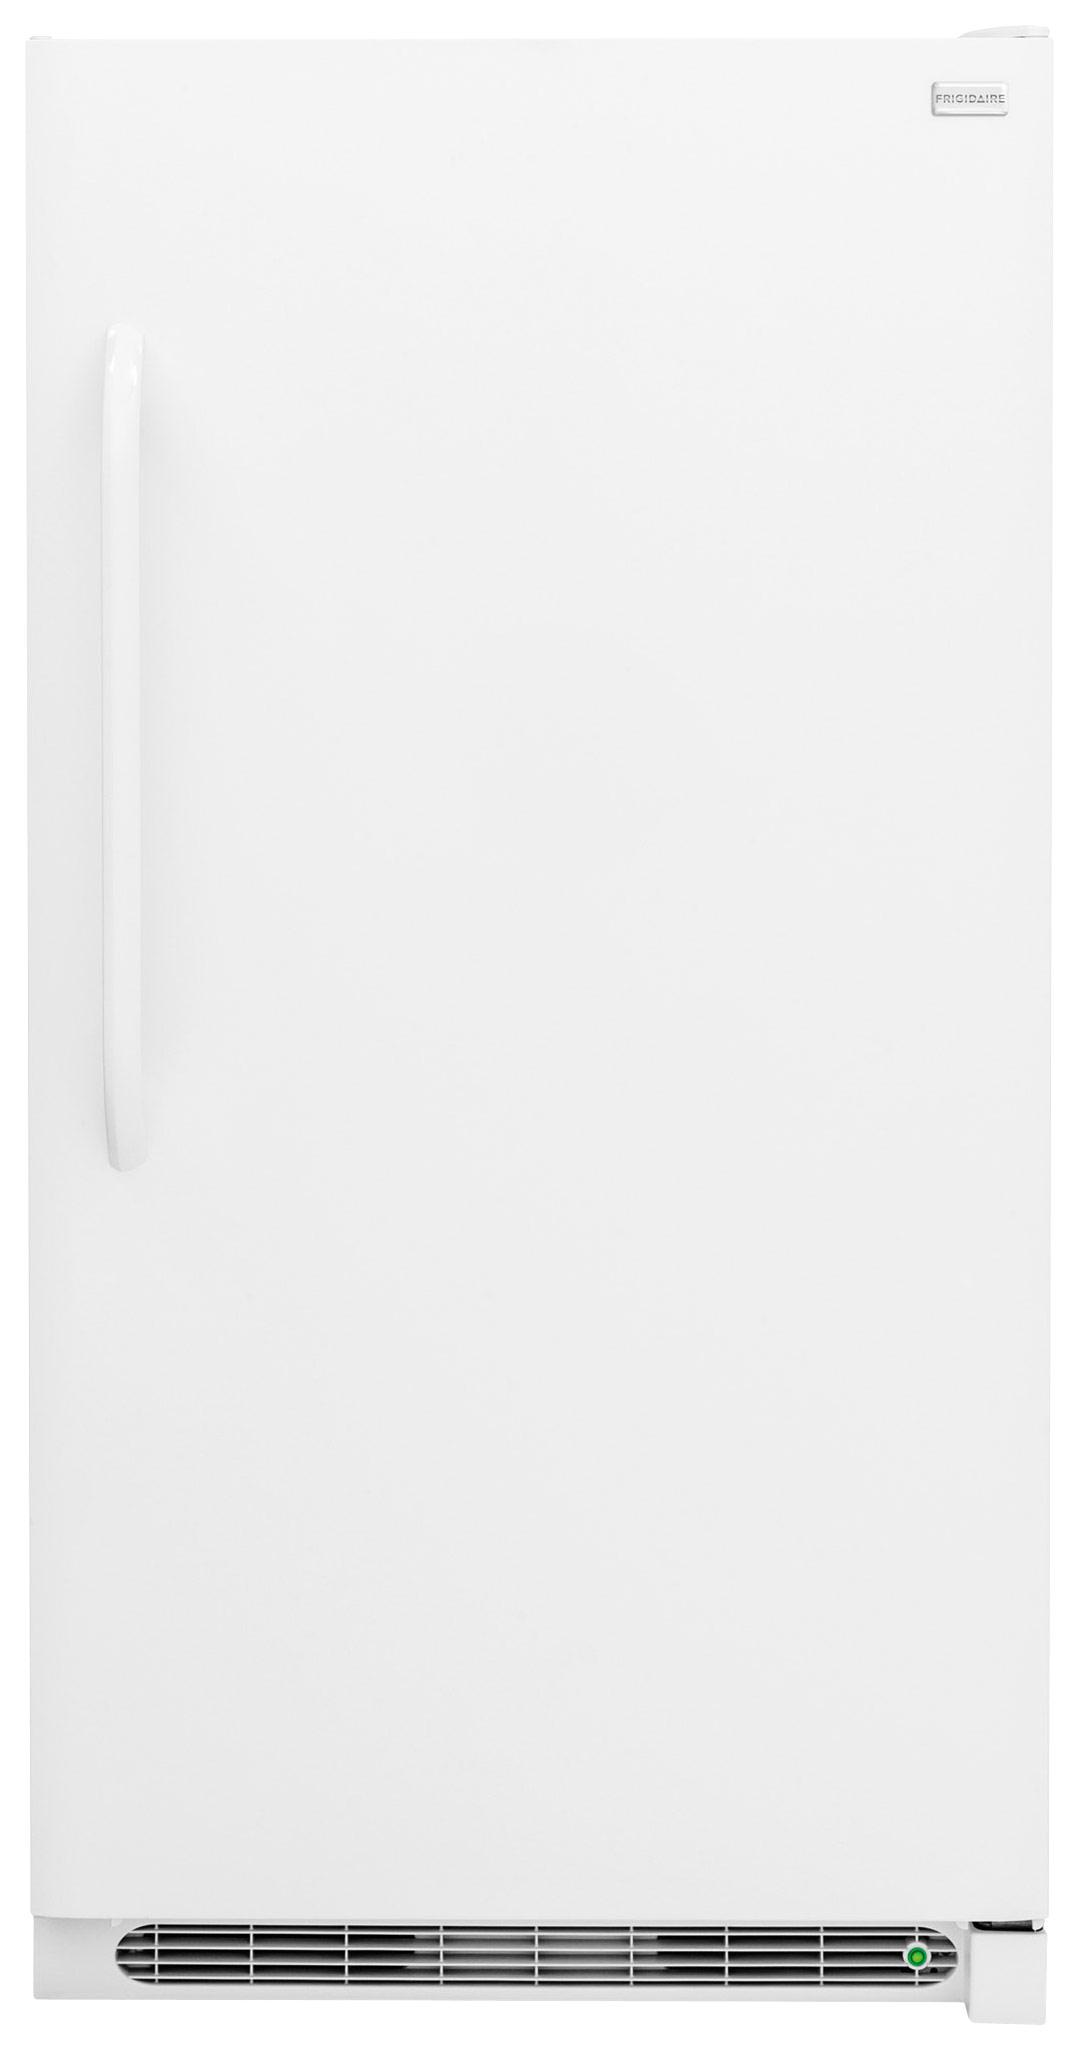 Frigidaire FFFU21M1Q White 34u0022 Wide 21 Cu. Ft. Upright Freezer